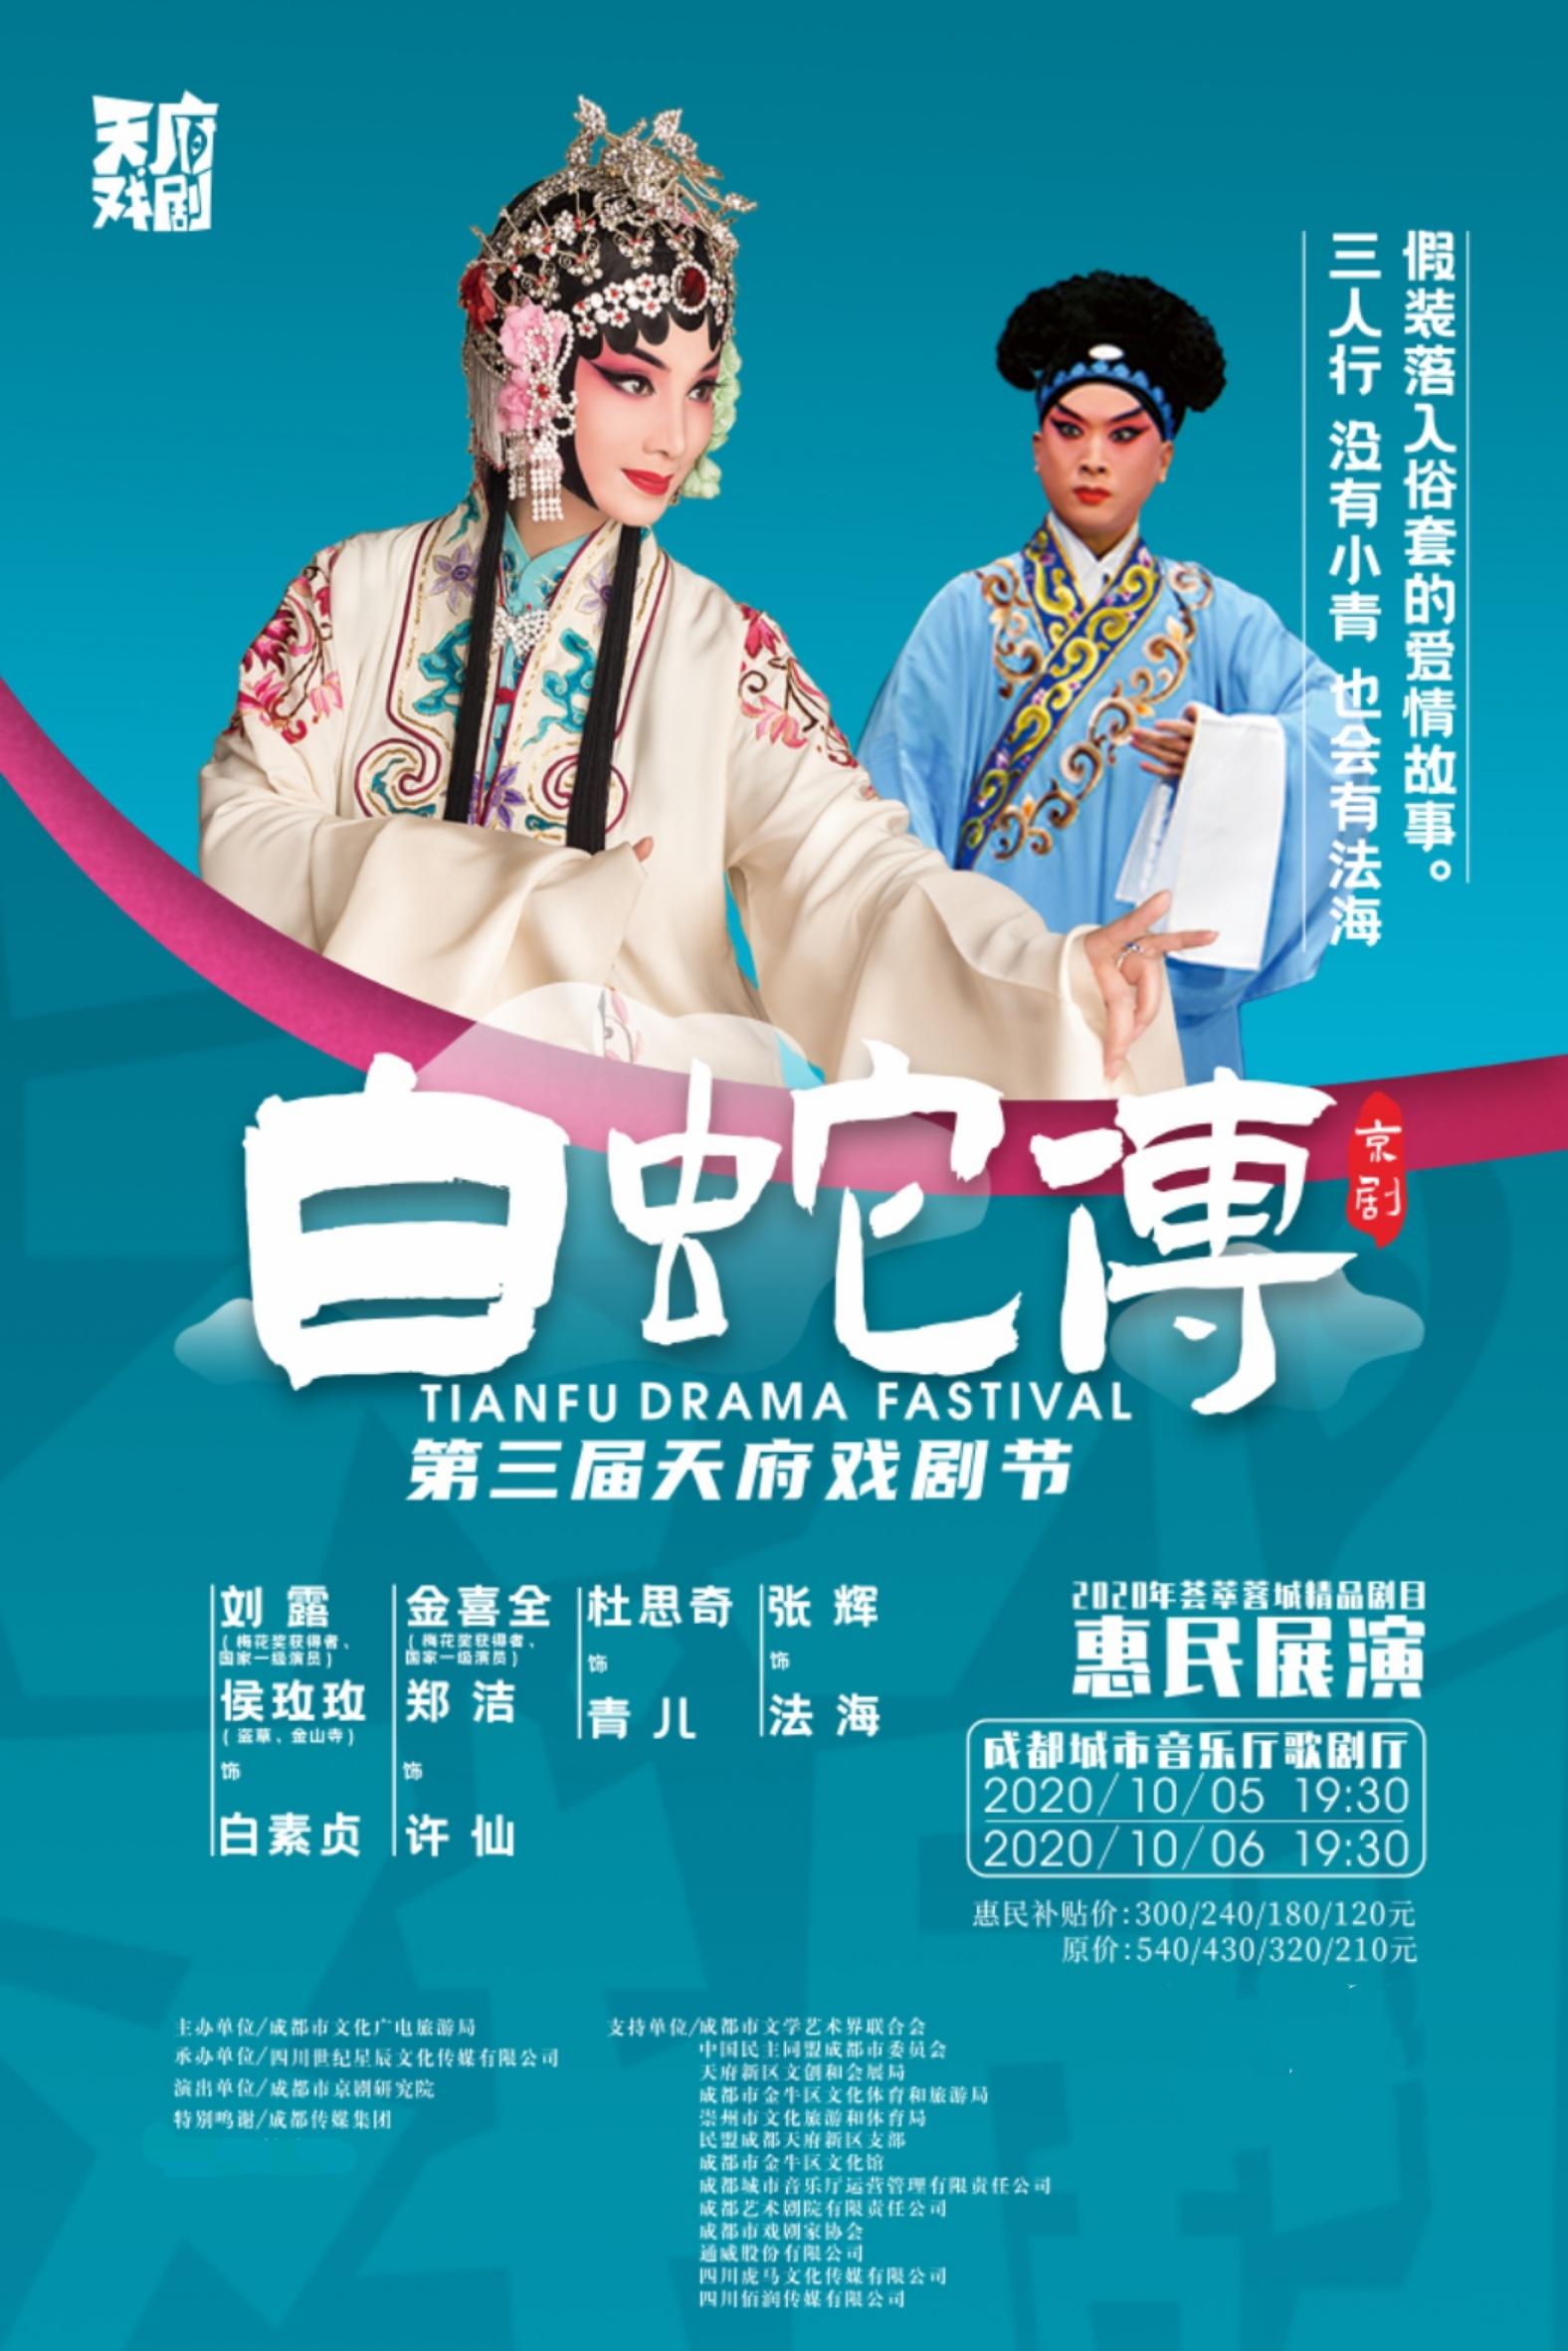 【成都】2020年荟萃蓉城精品剧目惠民展演京剧《白蛇传》